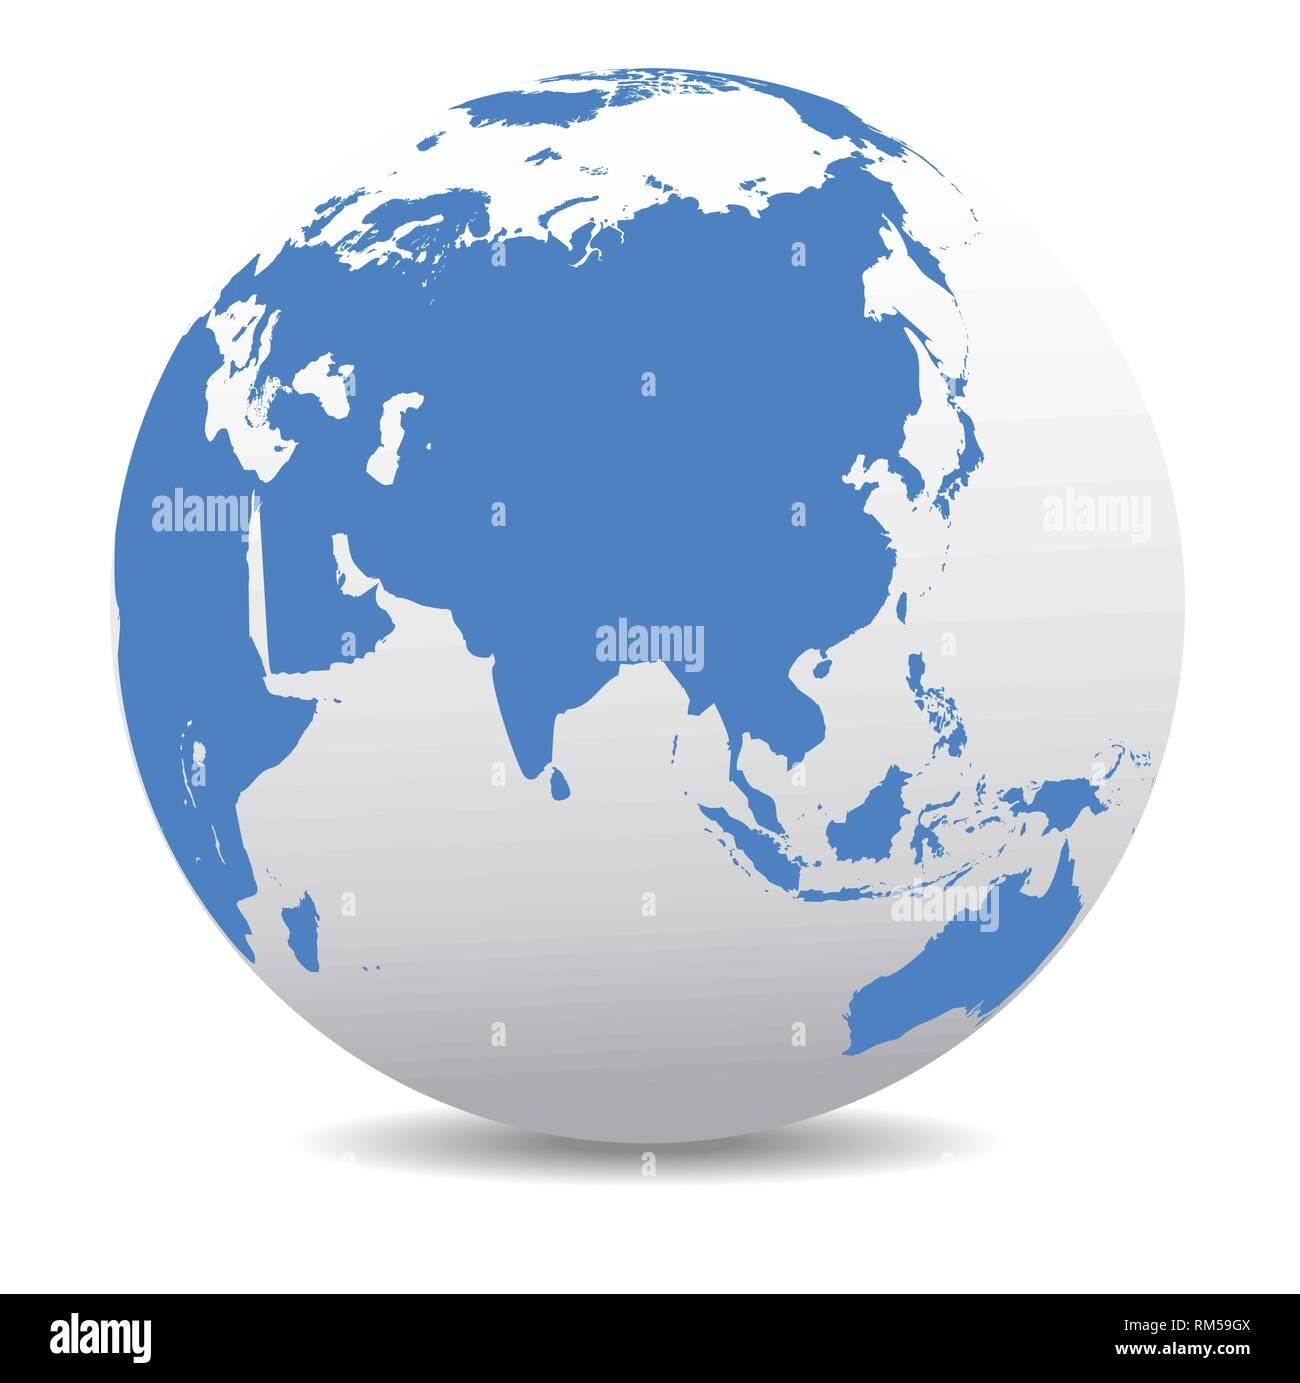 Carte Australie Malaisie.La Chine La Thailande L Indonesie L Inde L Afrique Le